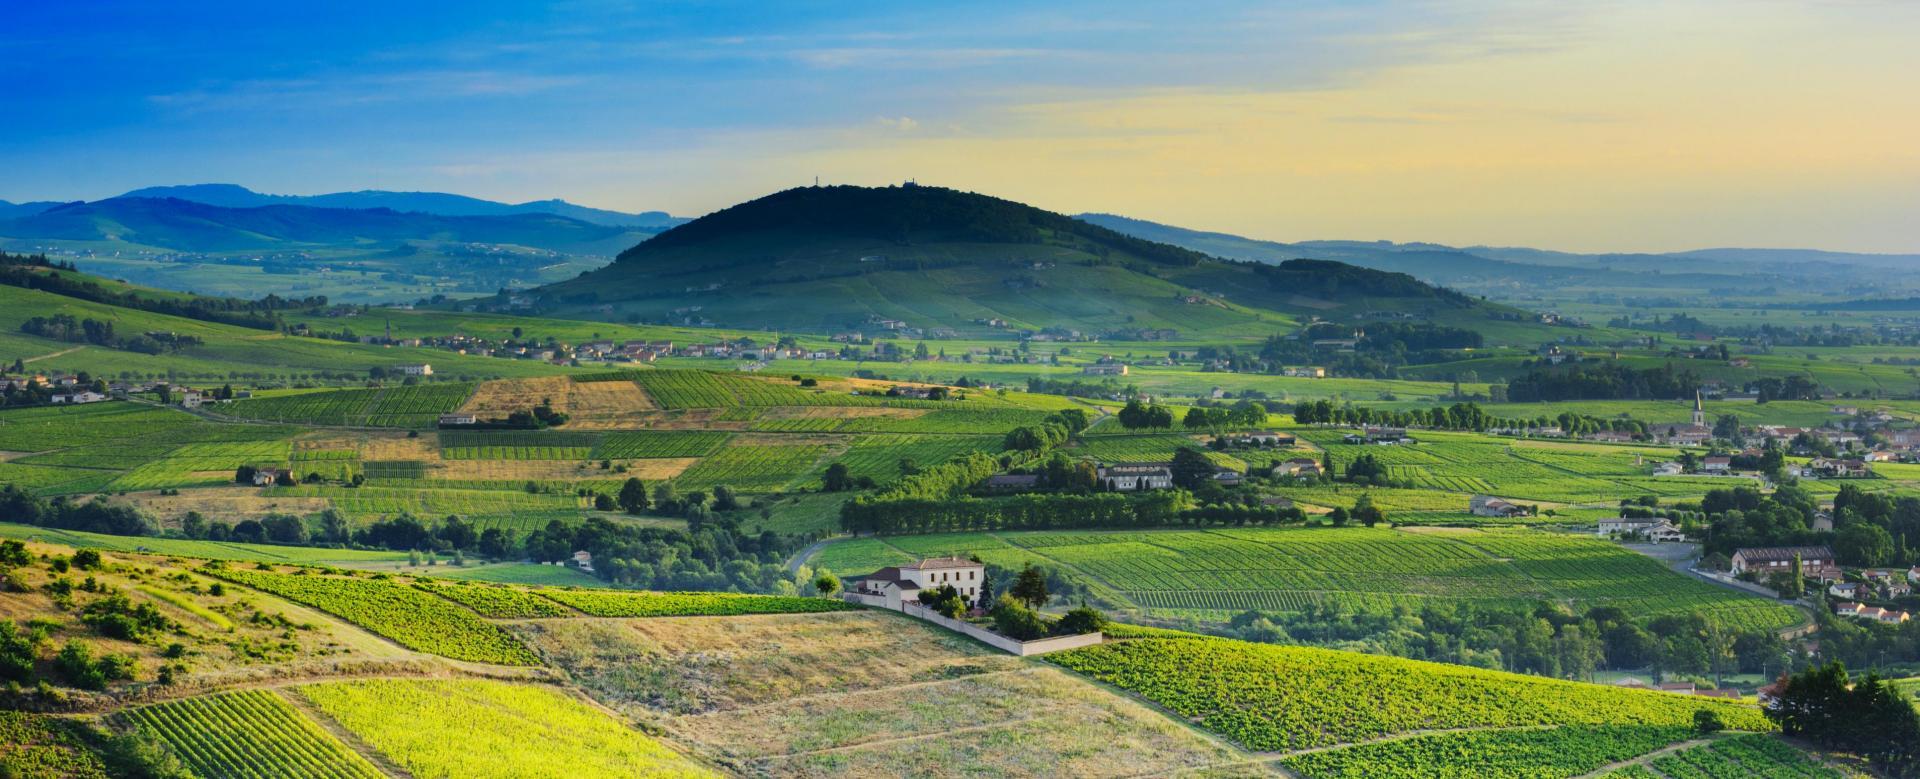 Voyage en véhicule France : Les vignobles de bourgogne à vélo